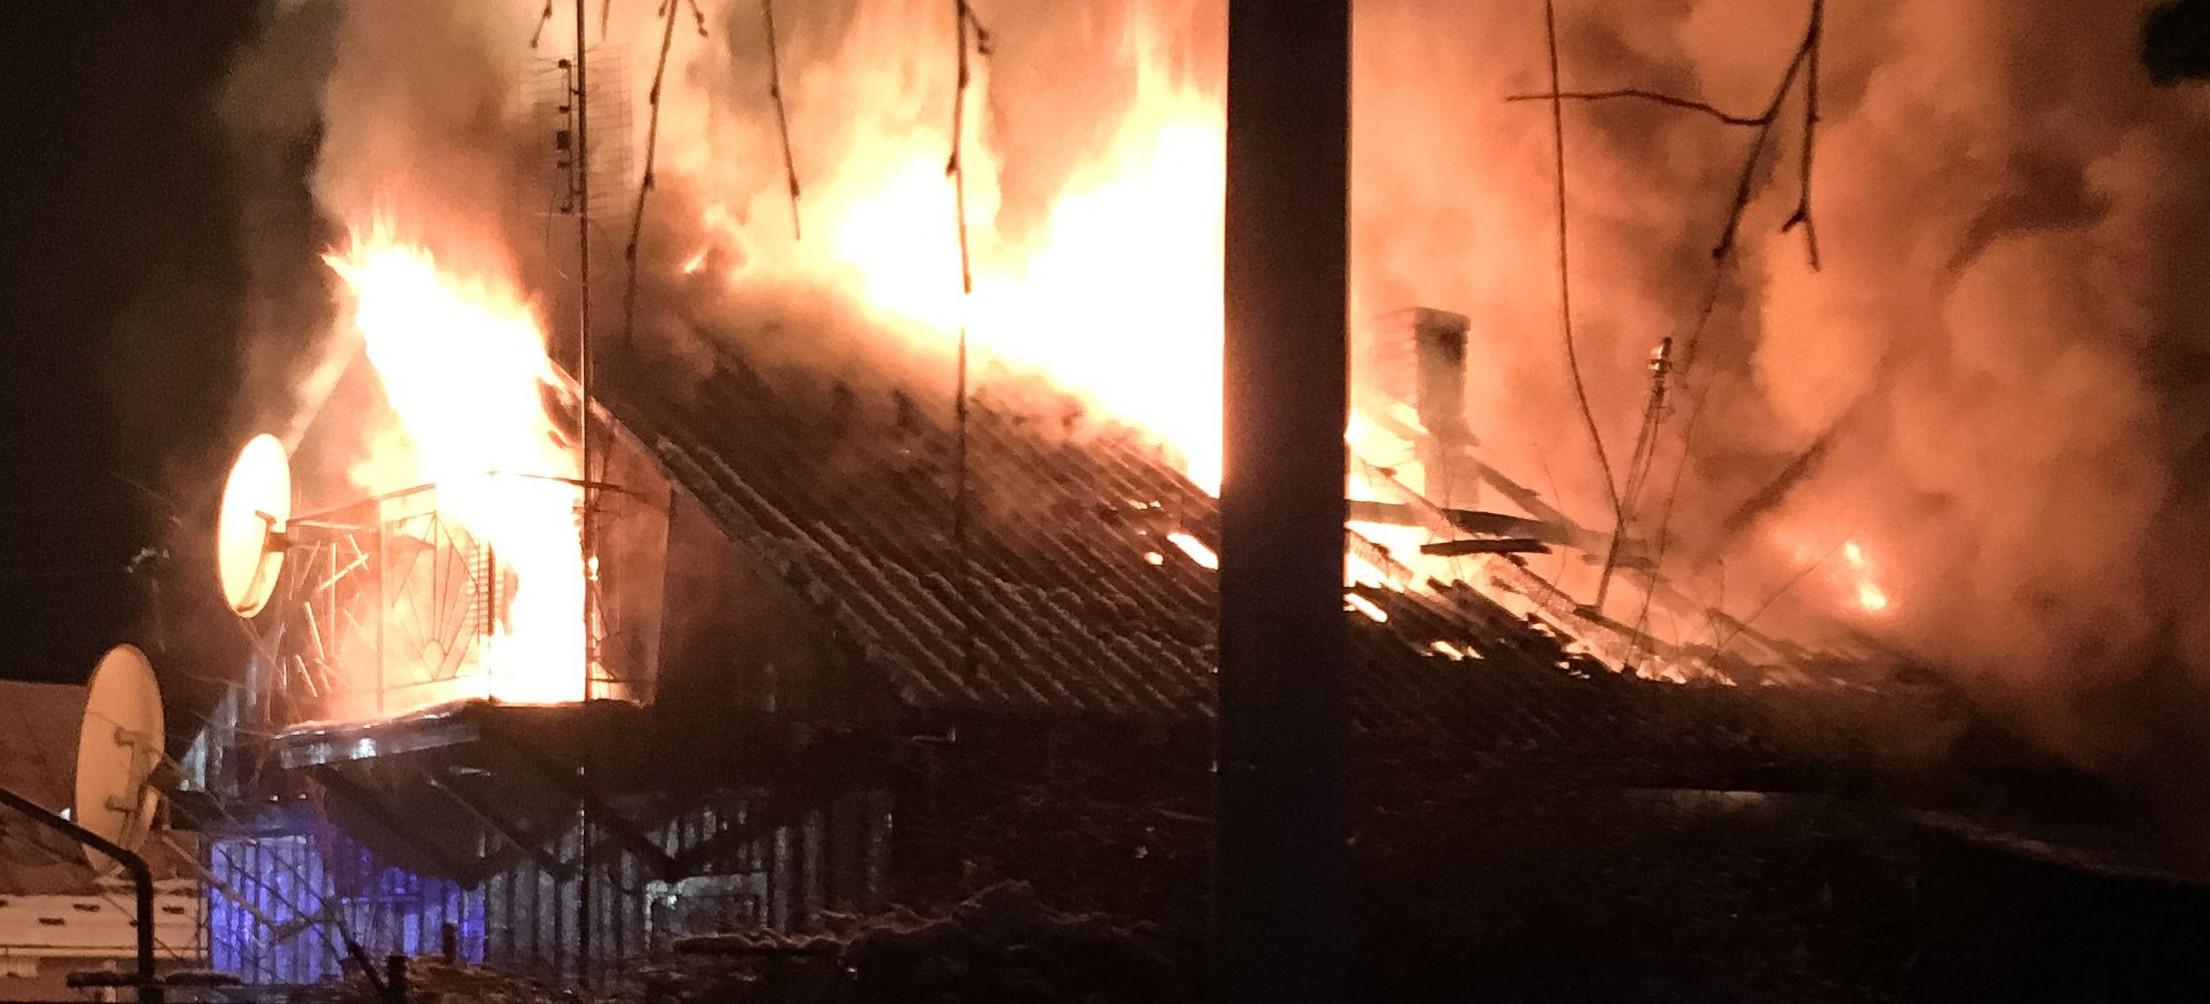 Potężny pożar domu (ZDJĘCIA)